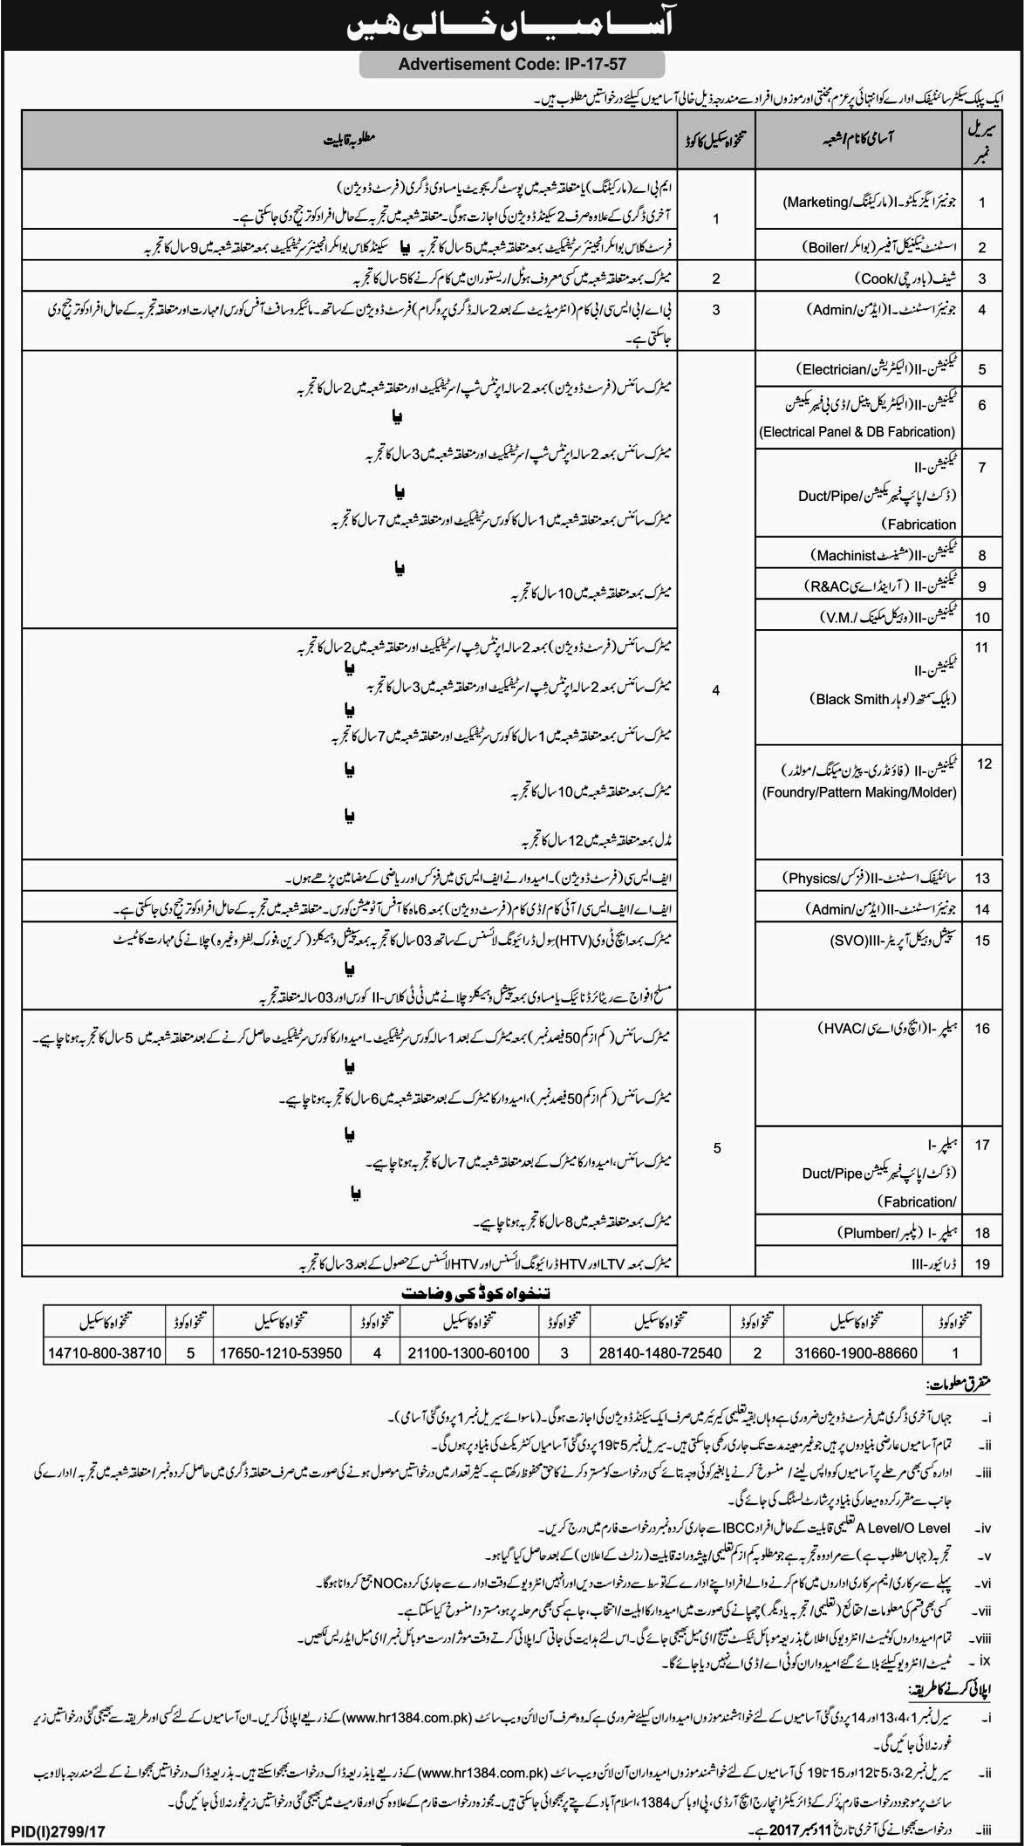 KRL Jobs Islamabad 2017 - 2018 PO Box 1384